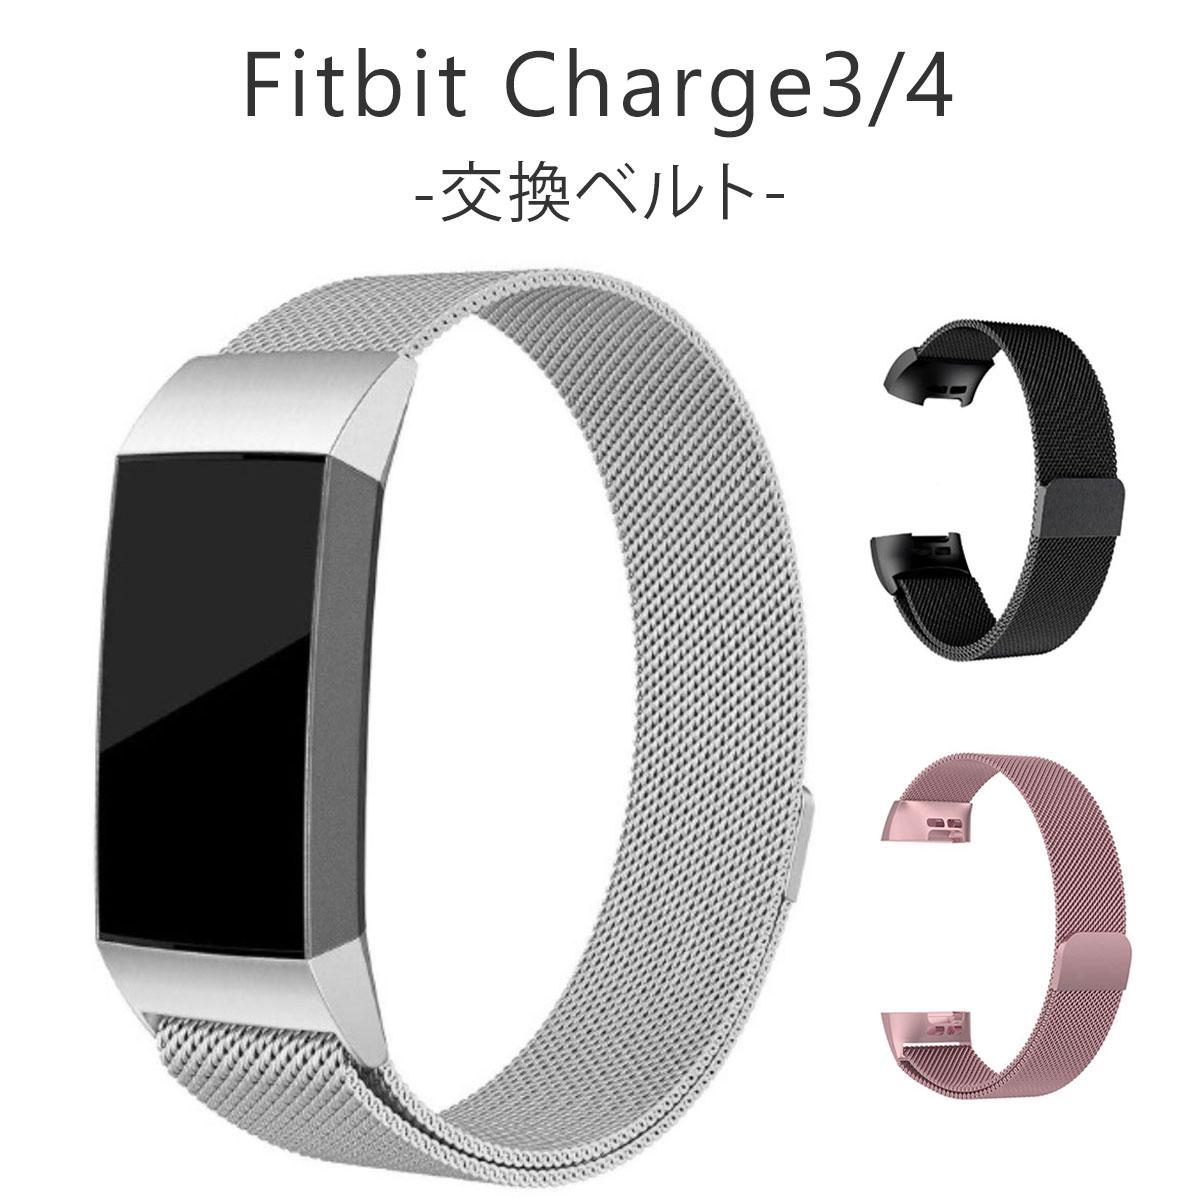 Fitbit Charge3 最新 交換 人気ブランド バンド フィットビット チャージ3 ベルト ステンレス チャージ 互換品 対応 4 3 Charge4